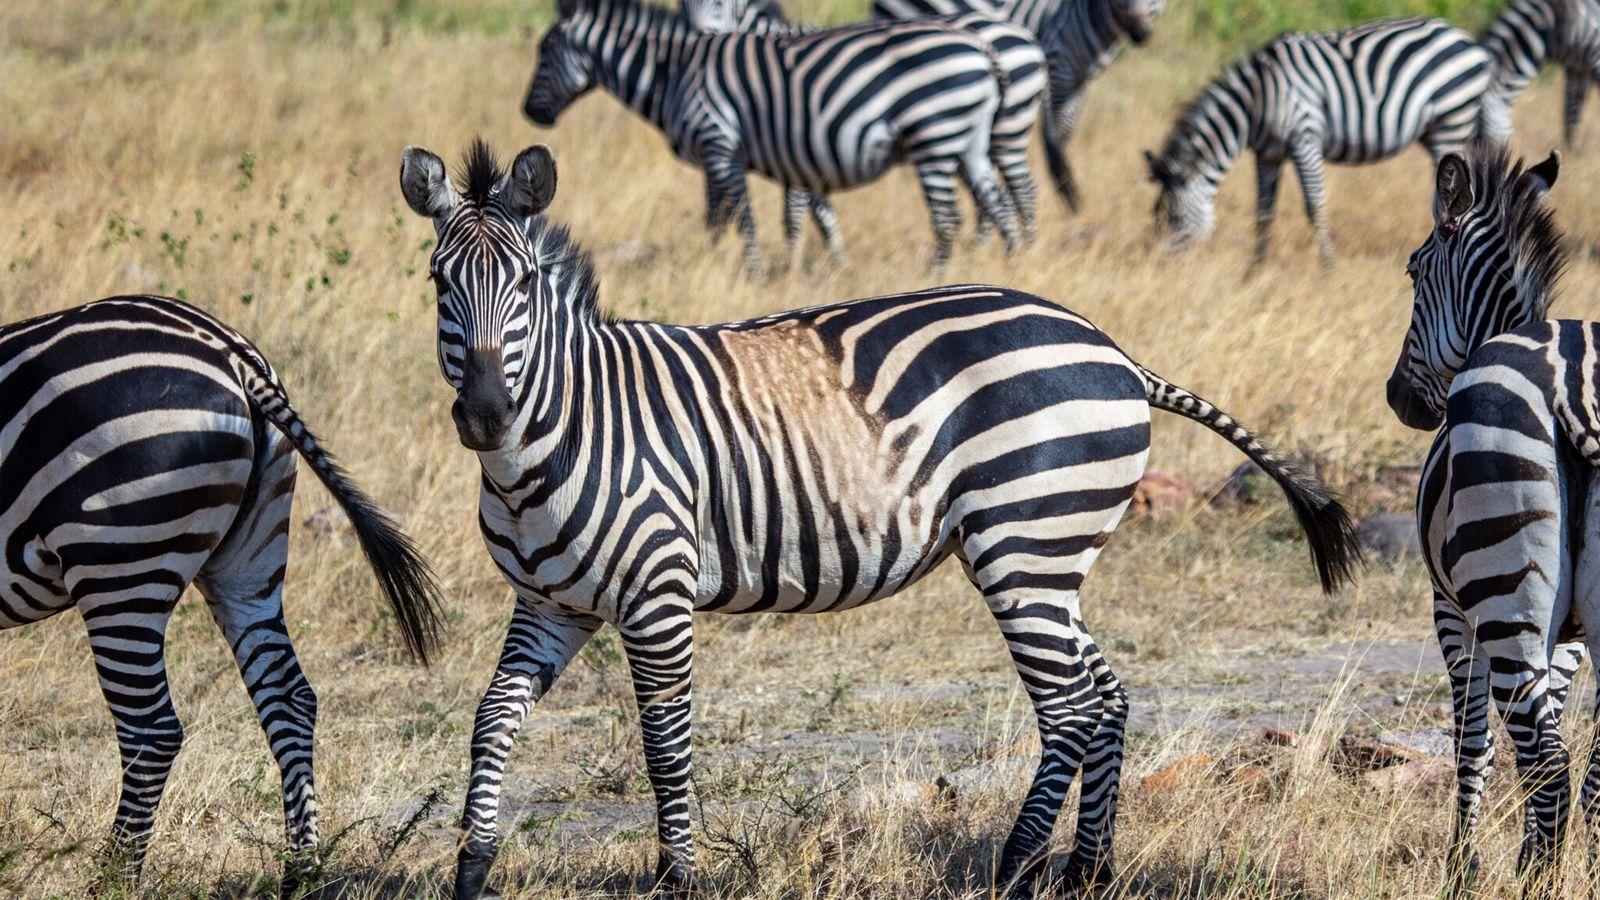 Zebra-das-planícies, com mancha interrompendo o padrão das listras, faz uma pausa ao pastar no Parque Nacional ...